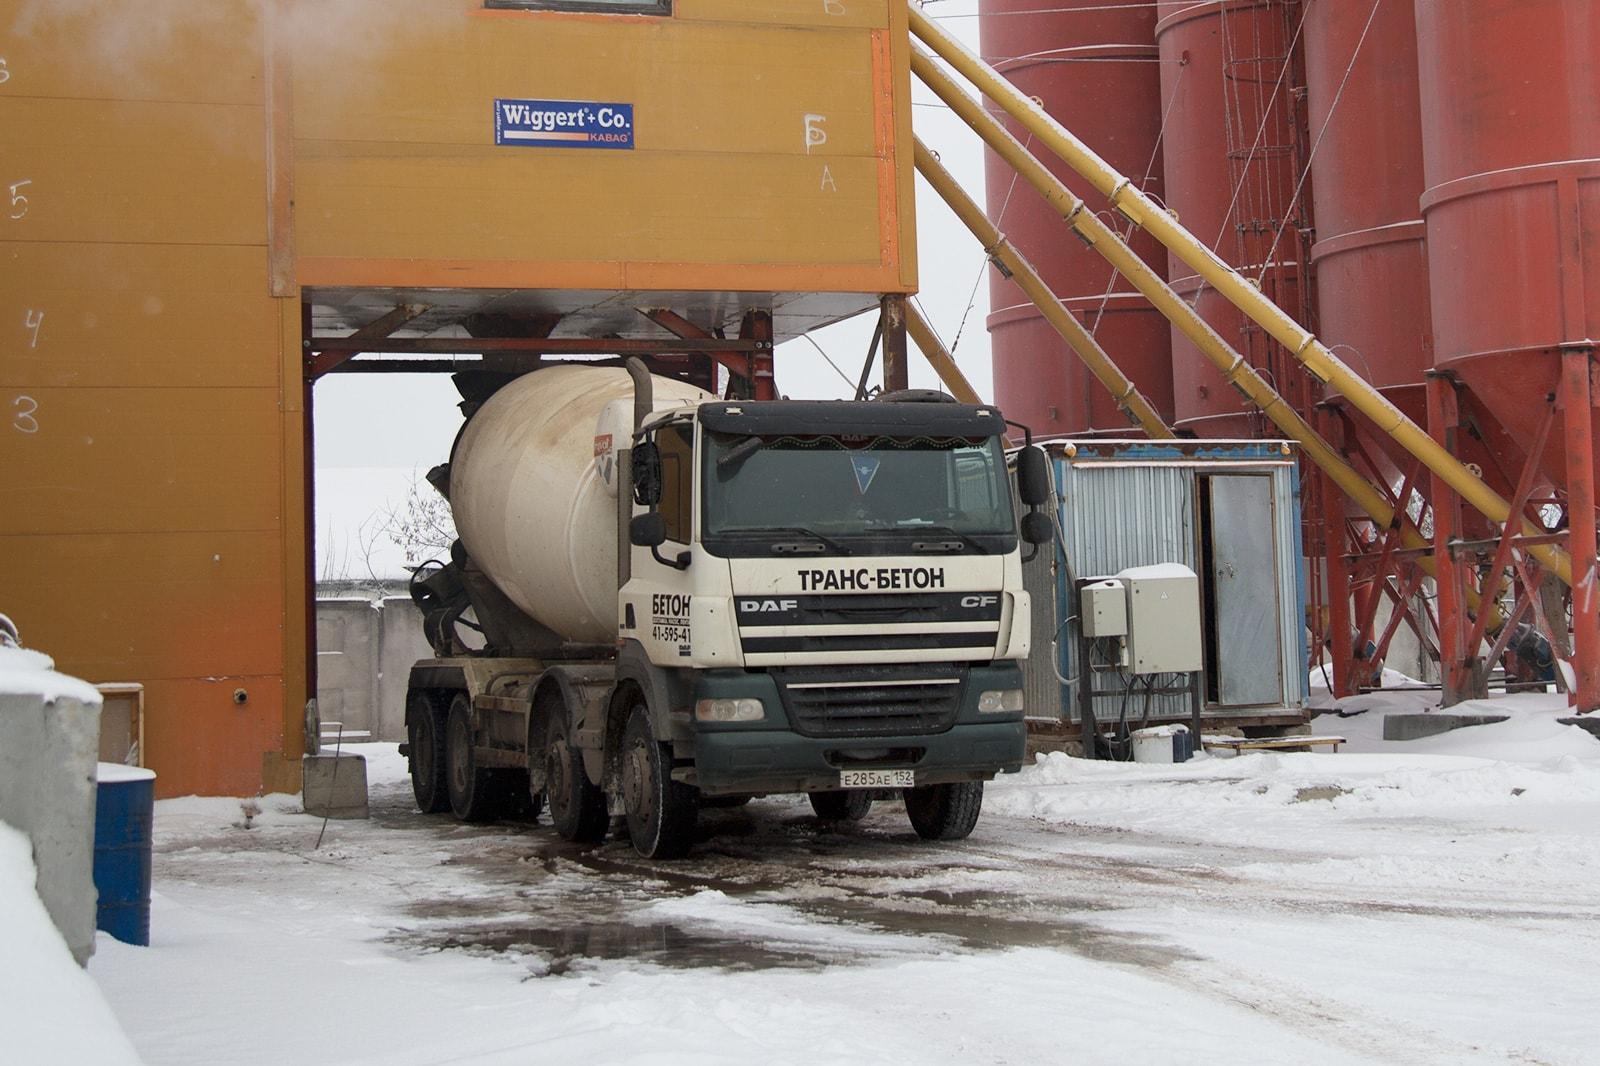 Купить бетон с доставкой в нижнем новгороде цена м250 бетон в нижневартовске с доставкой купить